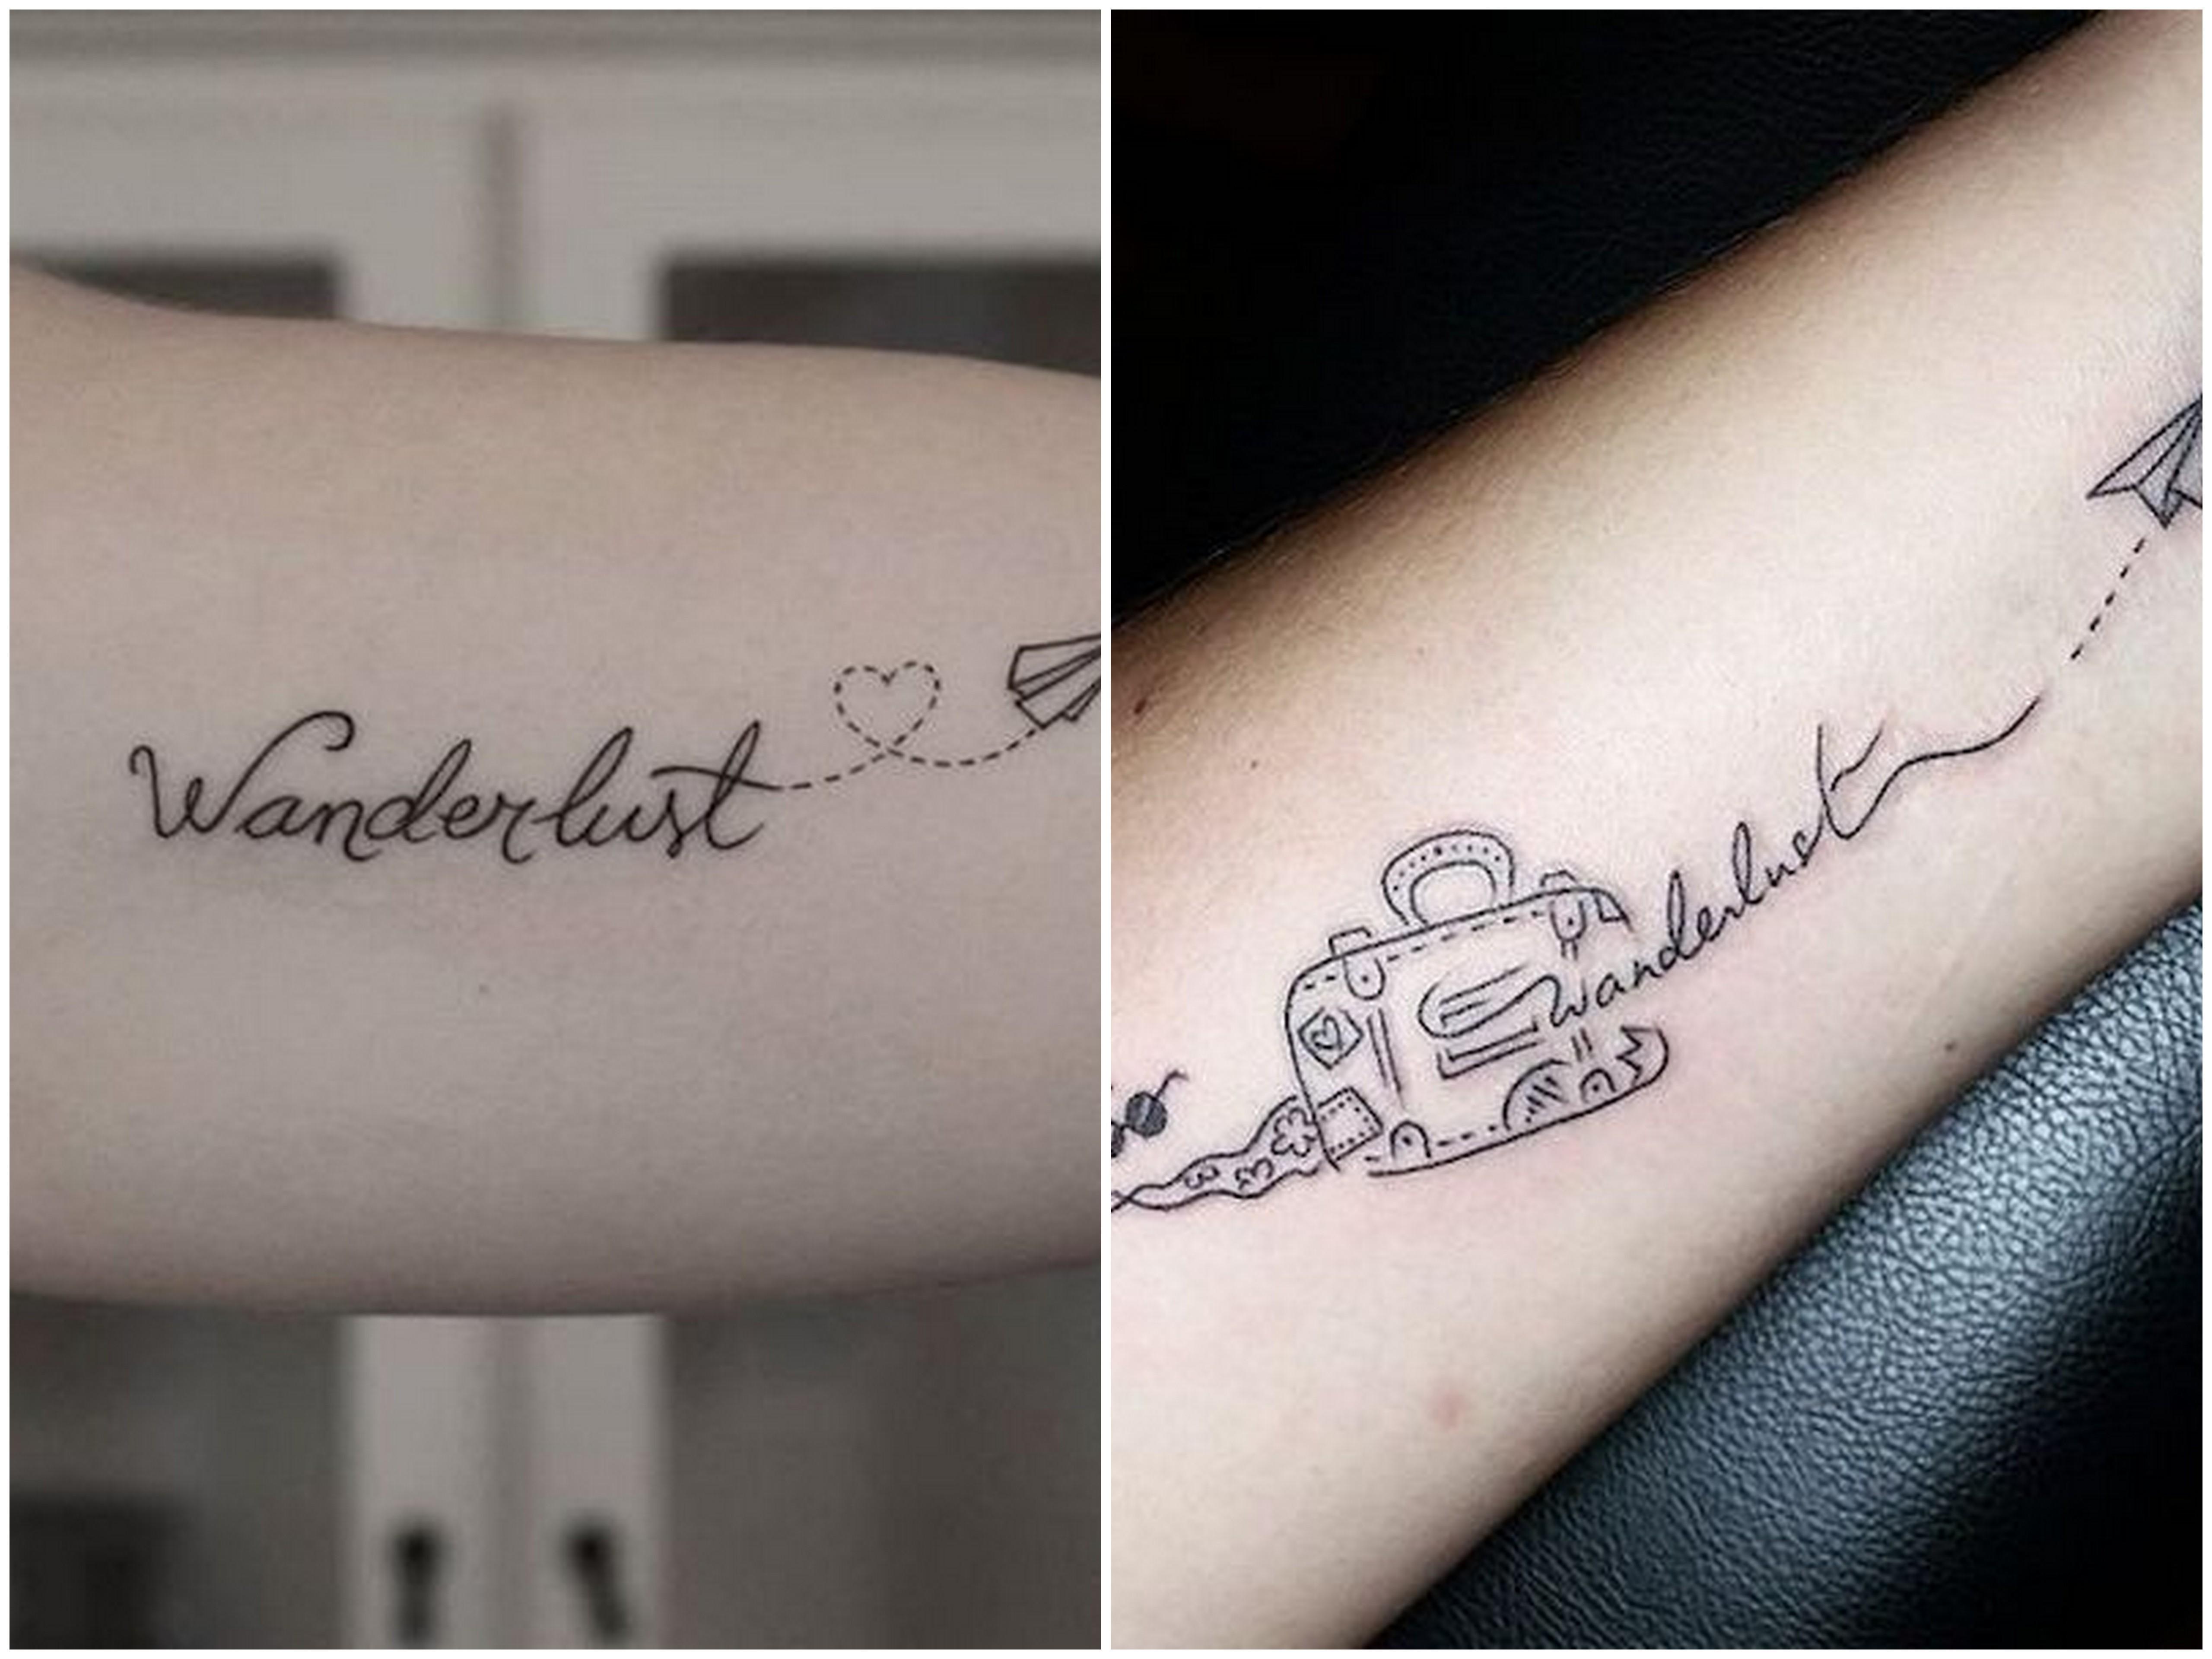 tatuaggio wanderlust significato